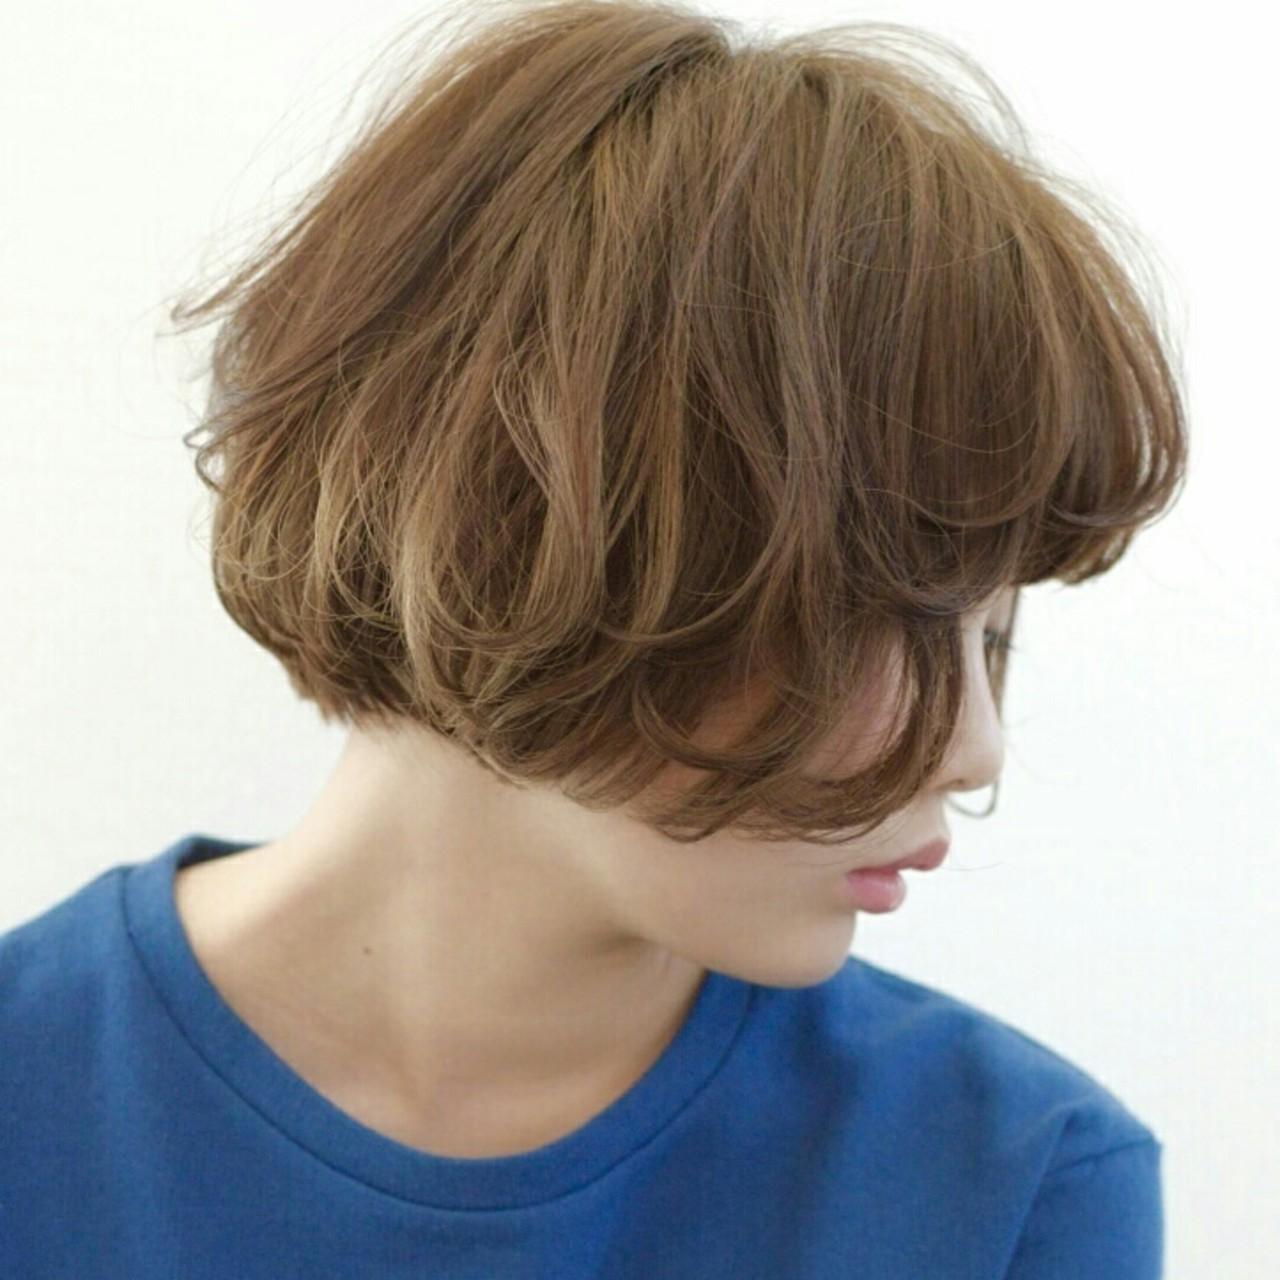 パーマ ふわふわ ボブ アッシュ ヘアスタイルや髪型の写真・画像